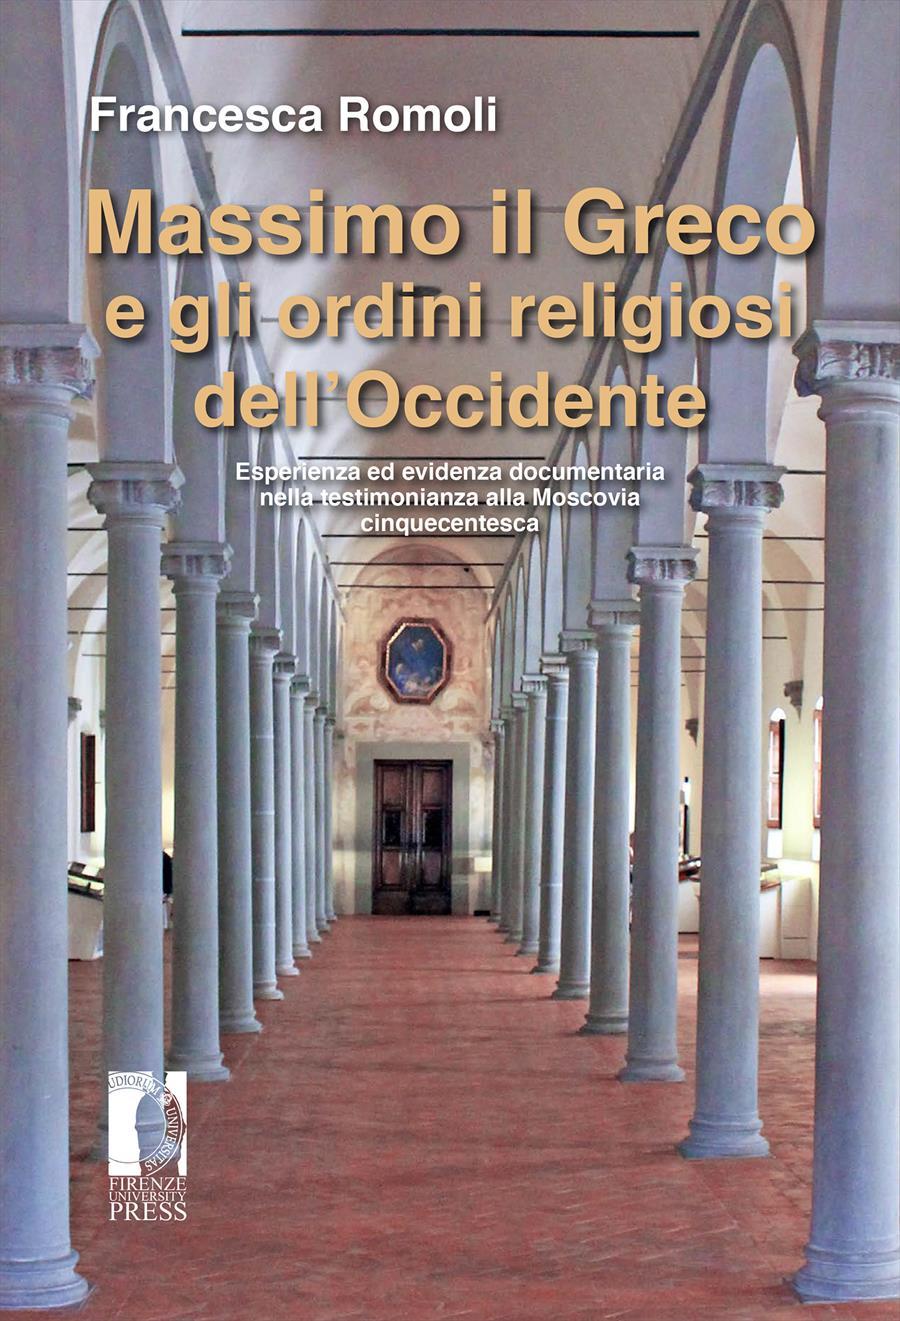 Massimo il Greco e gli ordini religiosi dell'Occidente